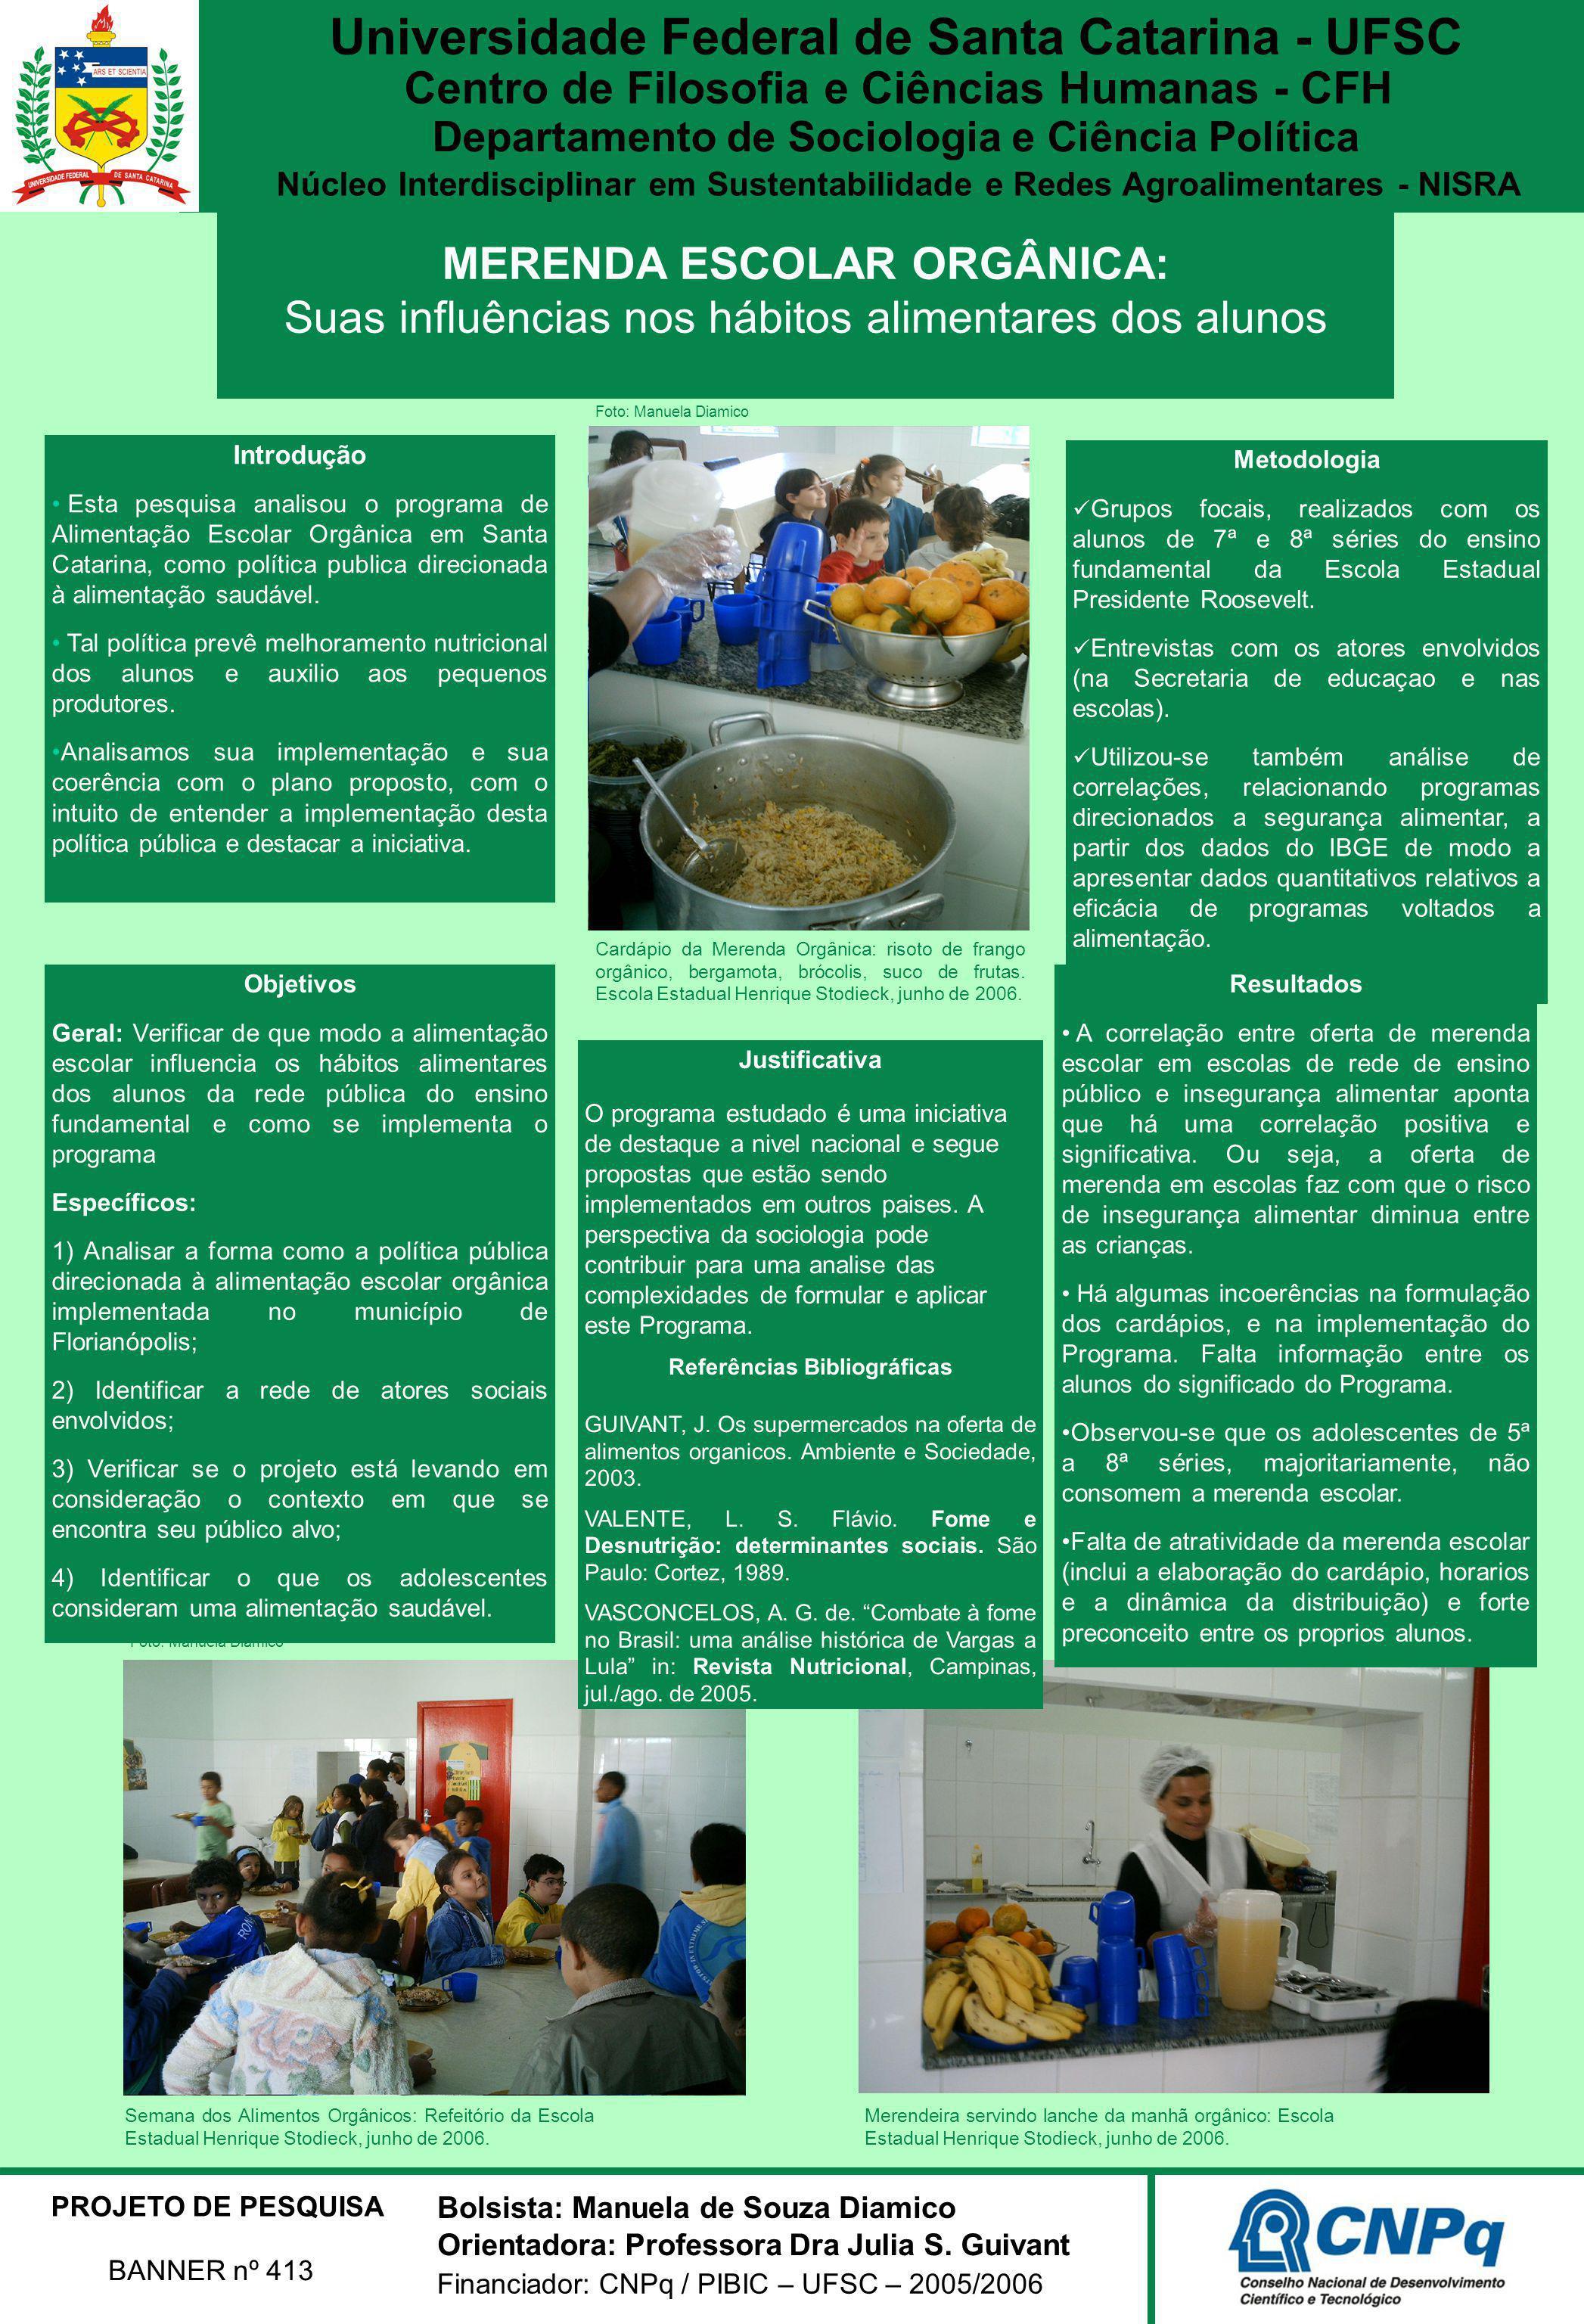 MERENDA ESCOLAR ORGÂNICA: Suas influências nos hábitos alimentares dos alunos Universidade Federal de Santa Catarina - UFSC Centro de Filosofia e Ciên